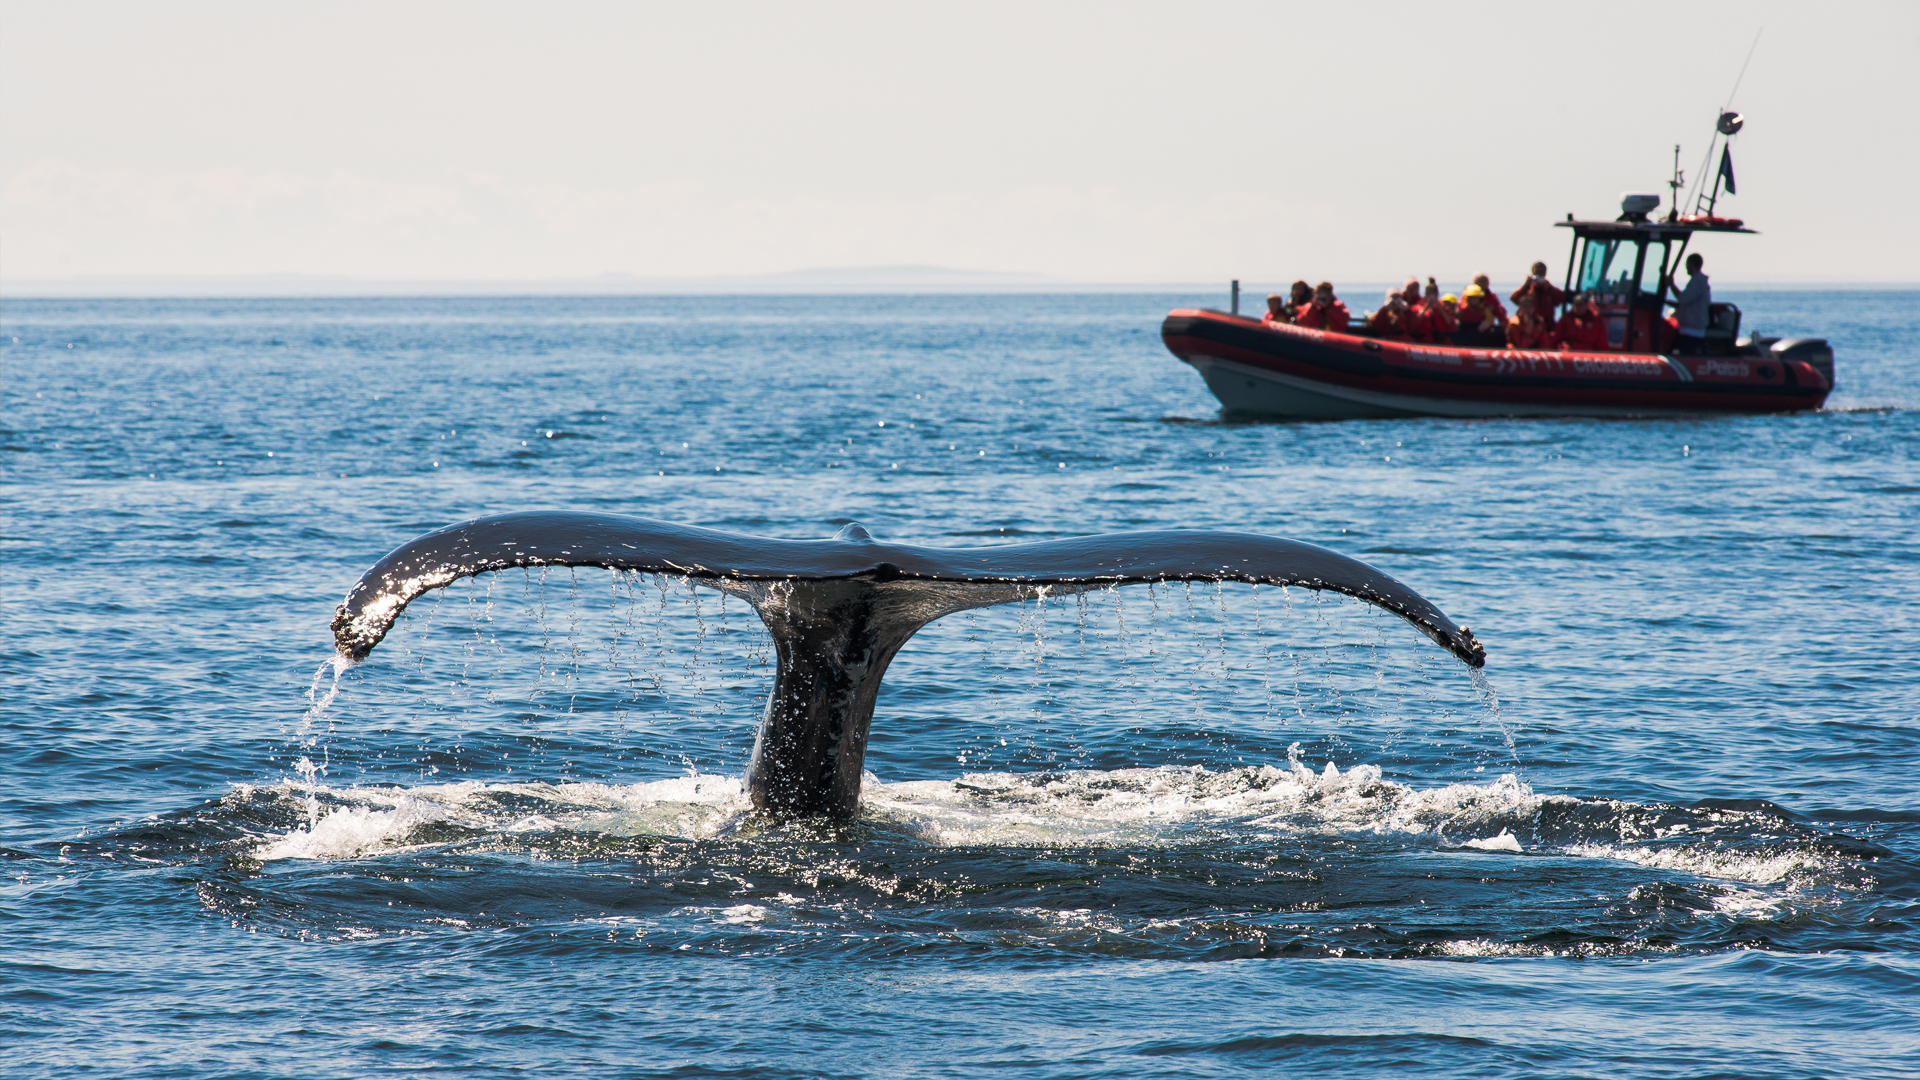 Croisière aux baleines